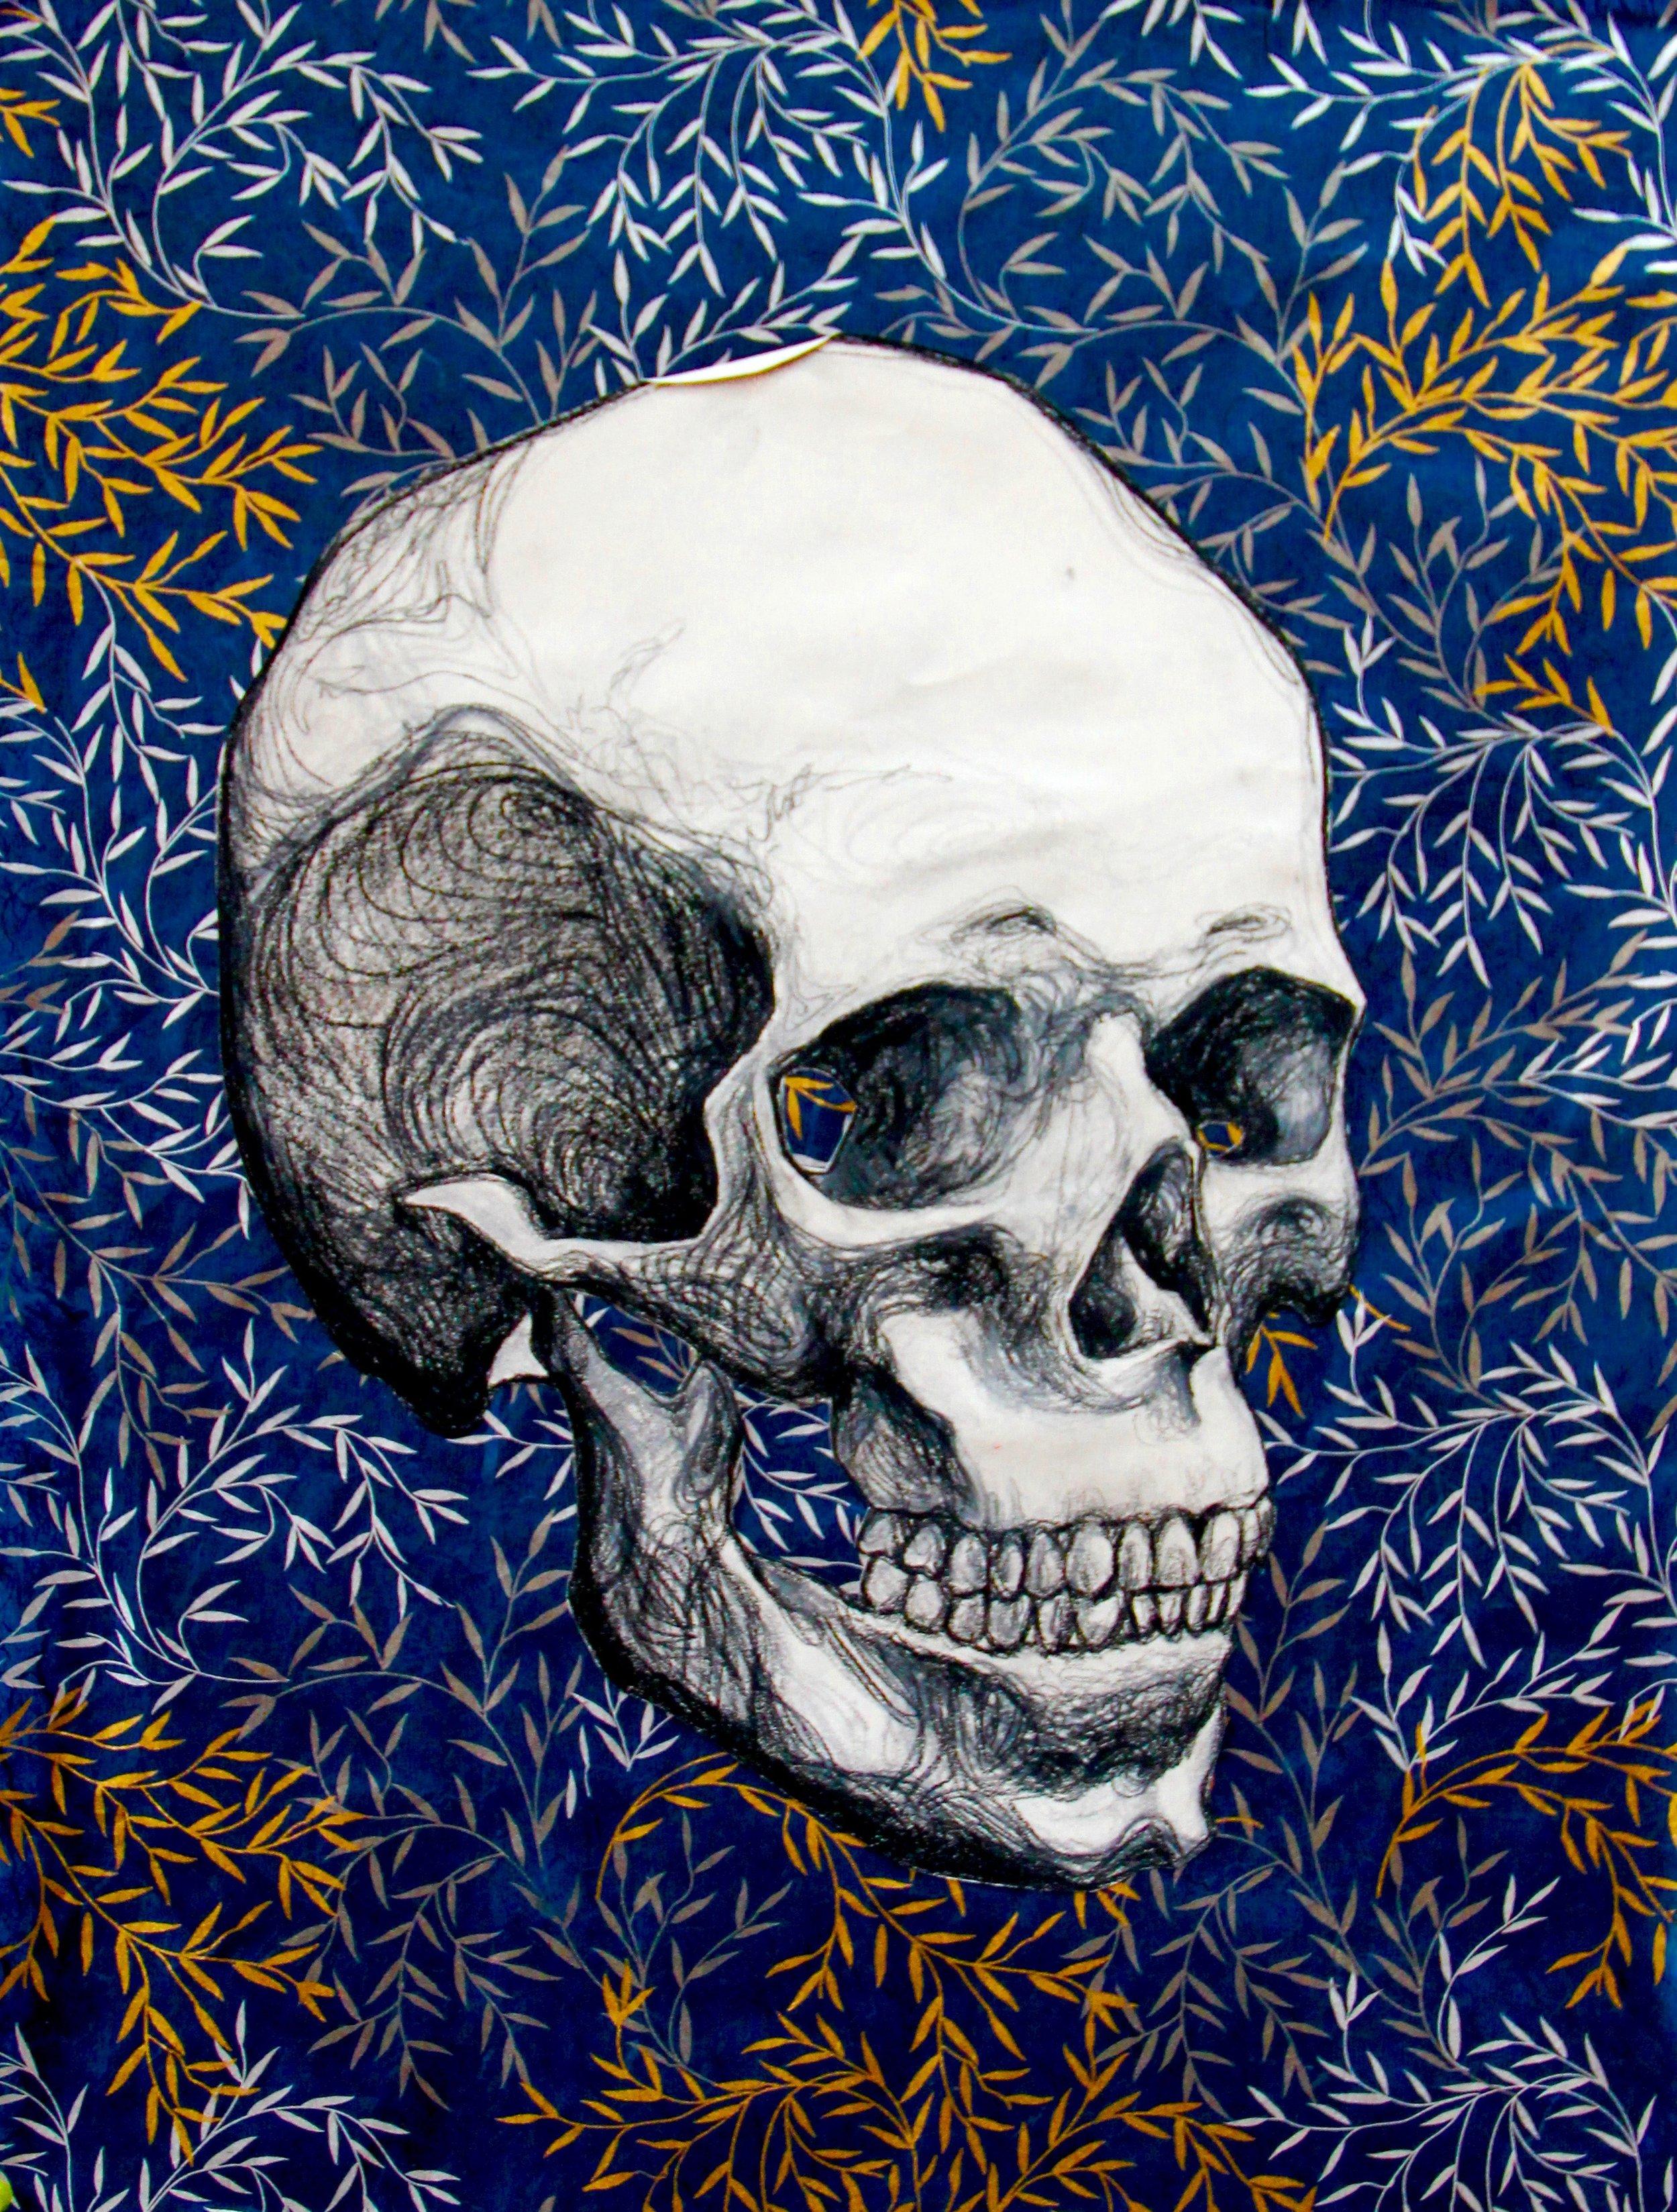 Skull 2012 & 2014, conte crayon & craft paper